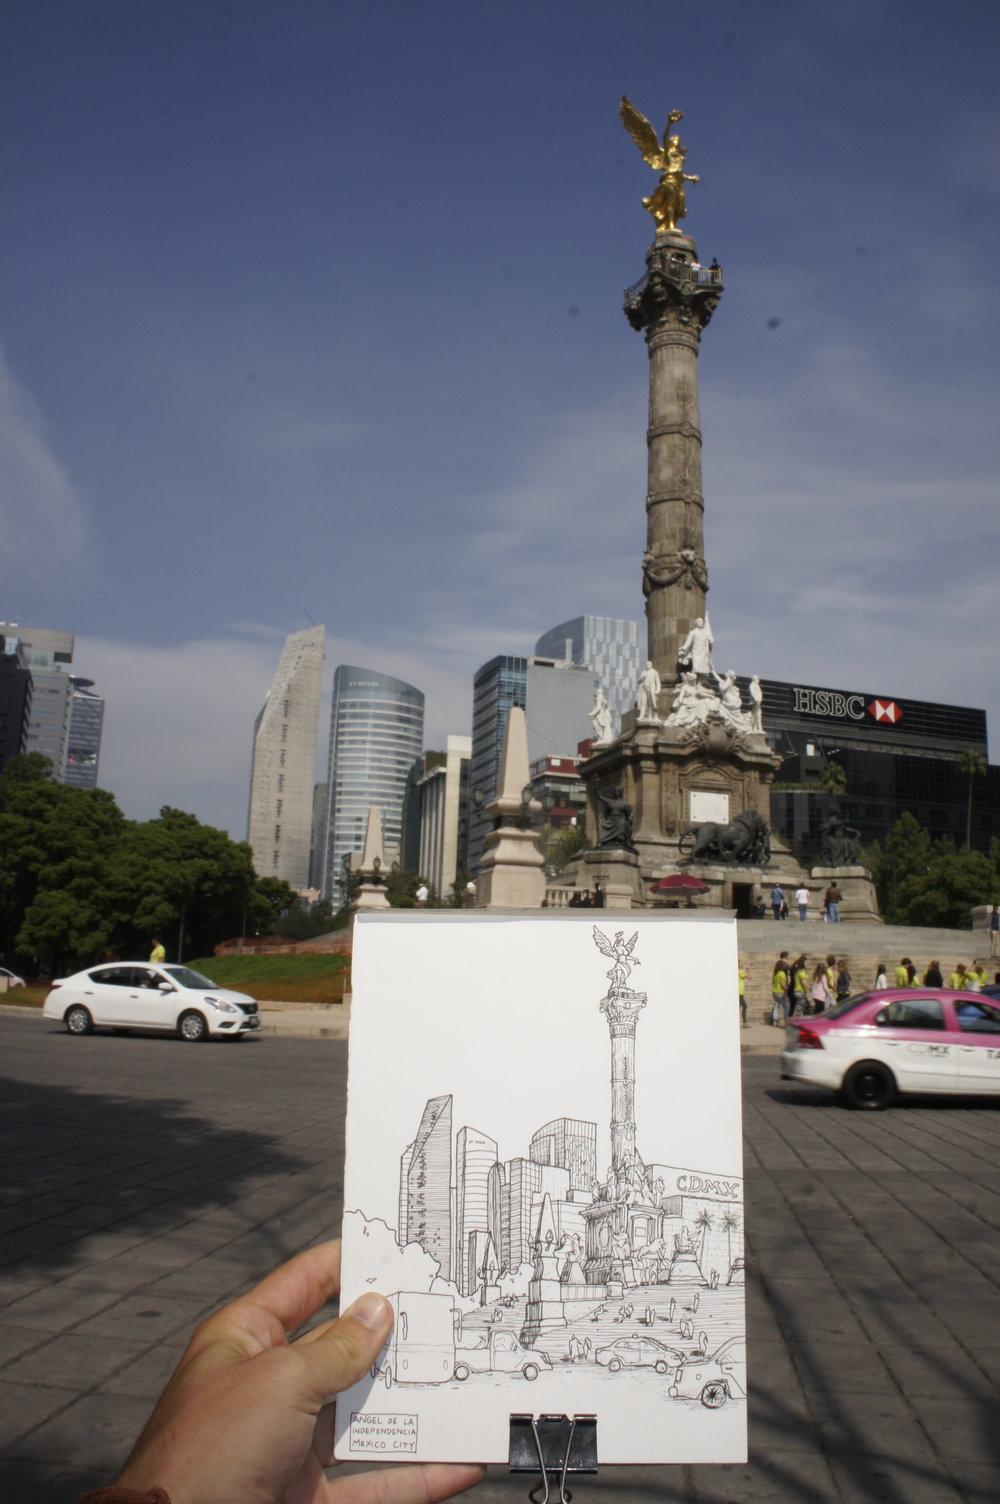 Ciudad de Mexico, Mexico